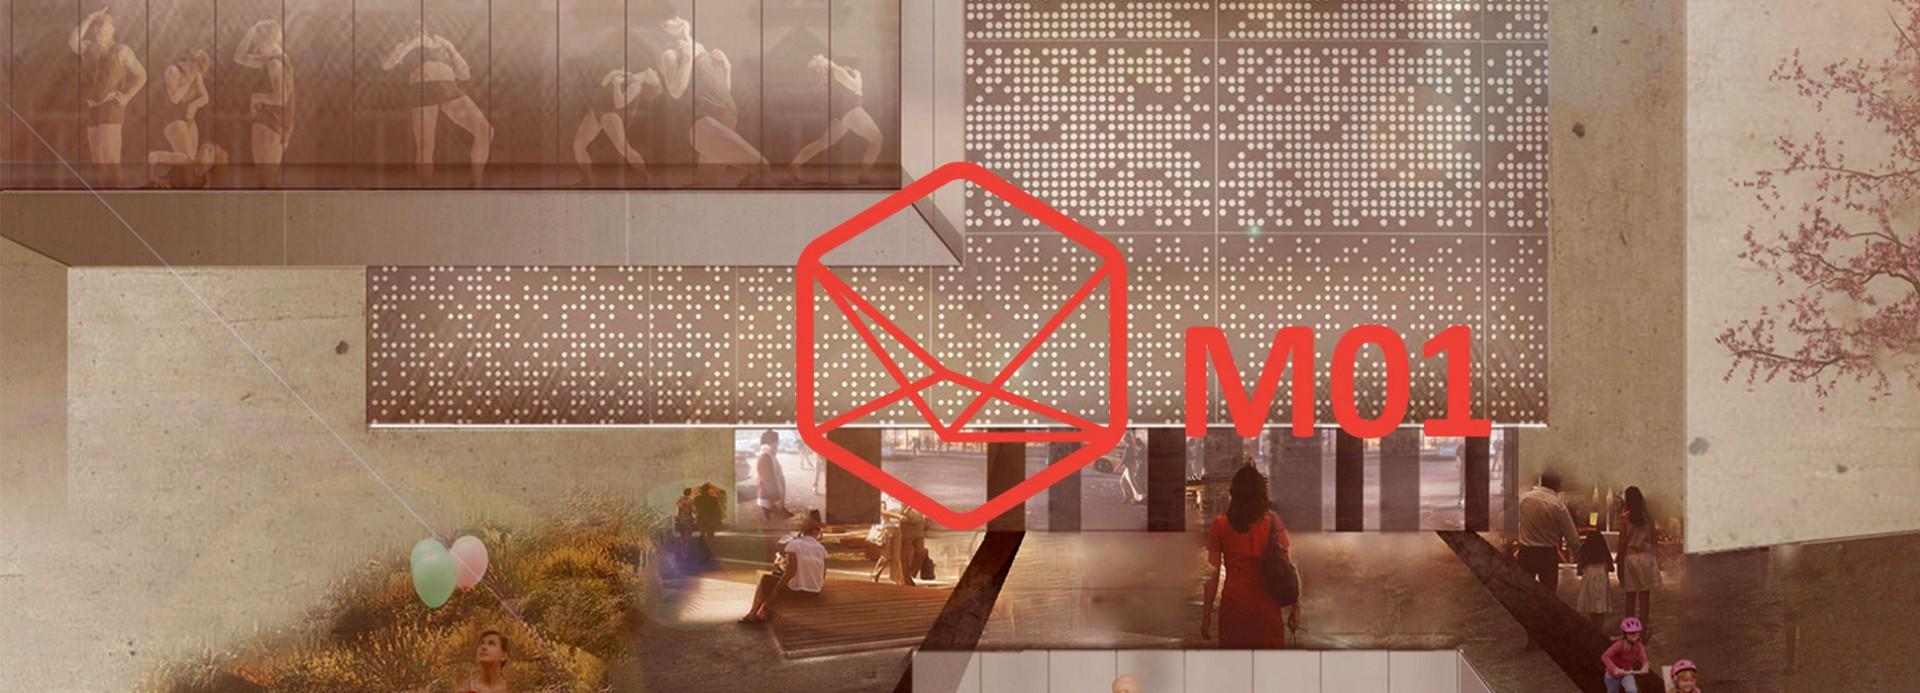 Veb izložba: Master Studio M01 – Projekat 2014/15